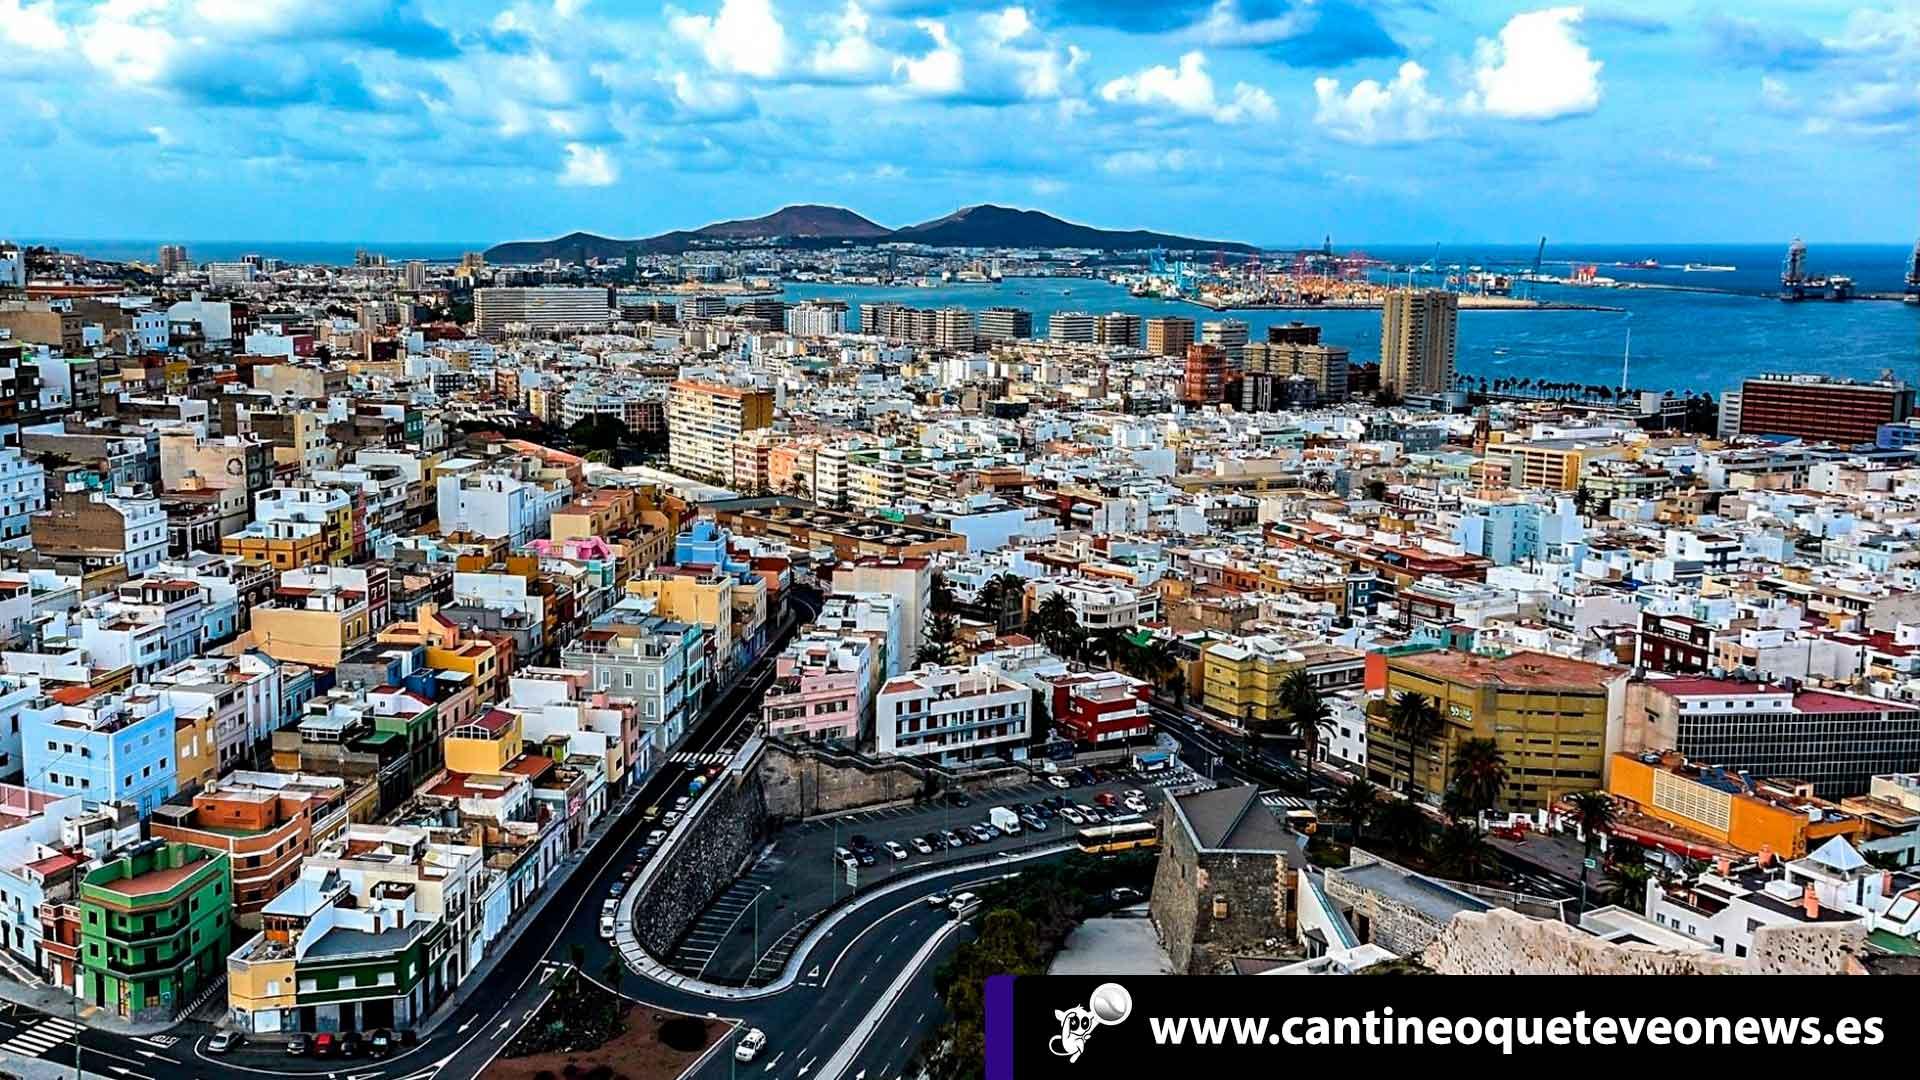 Cantineouqeteveo News - Viviendas en España